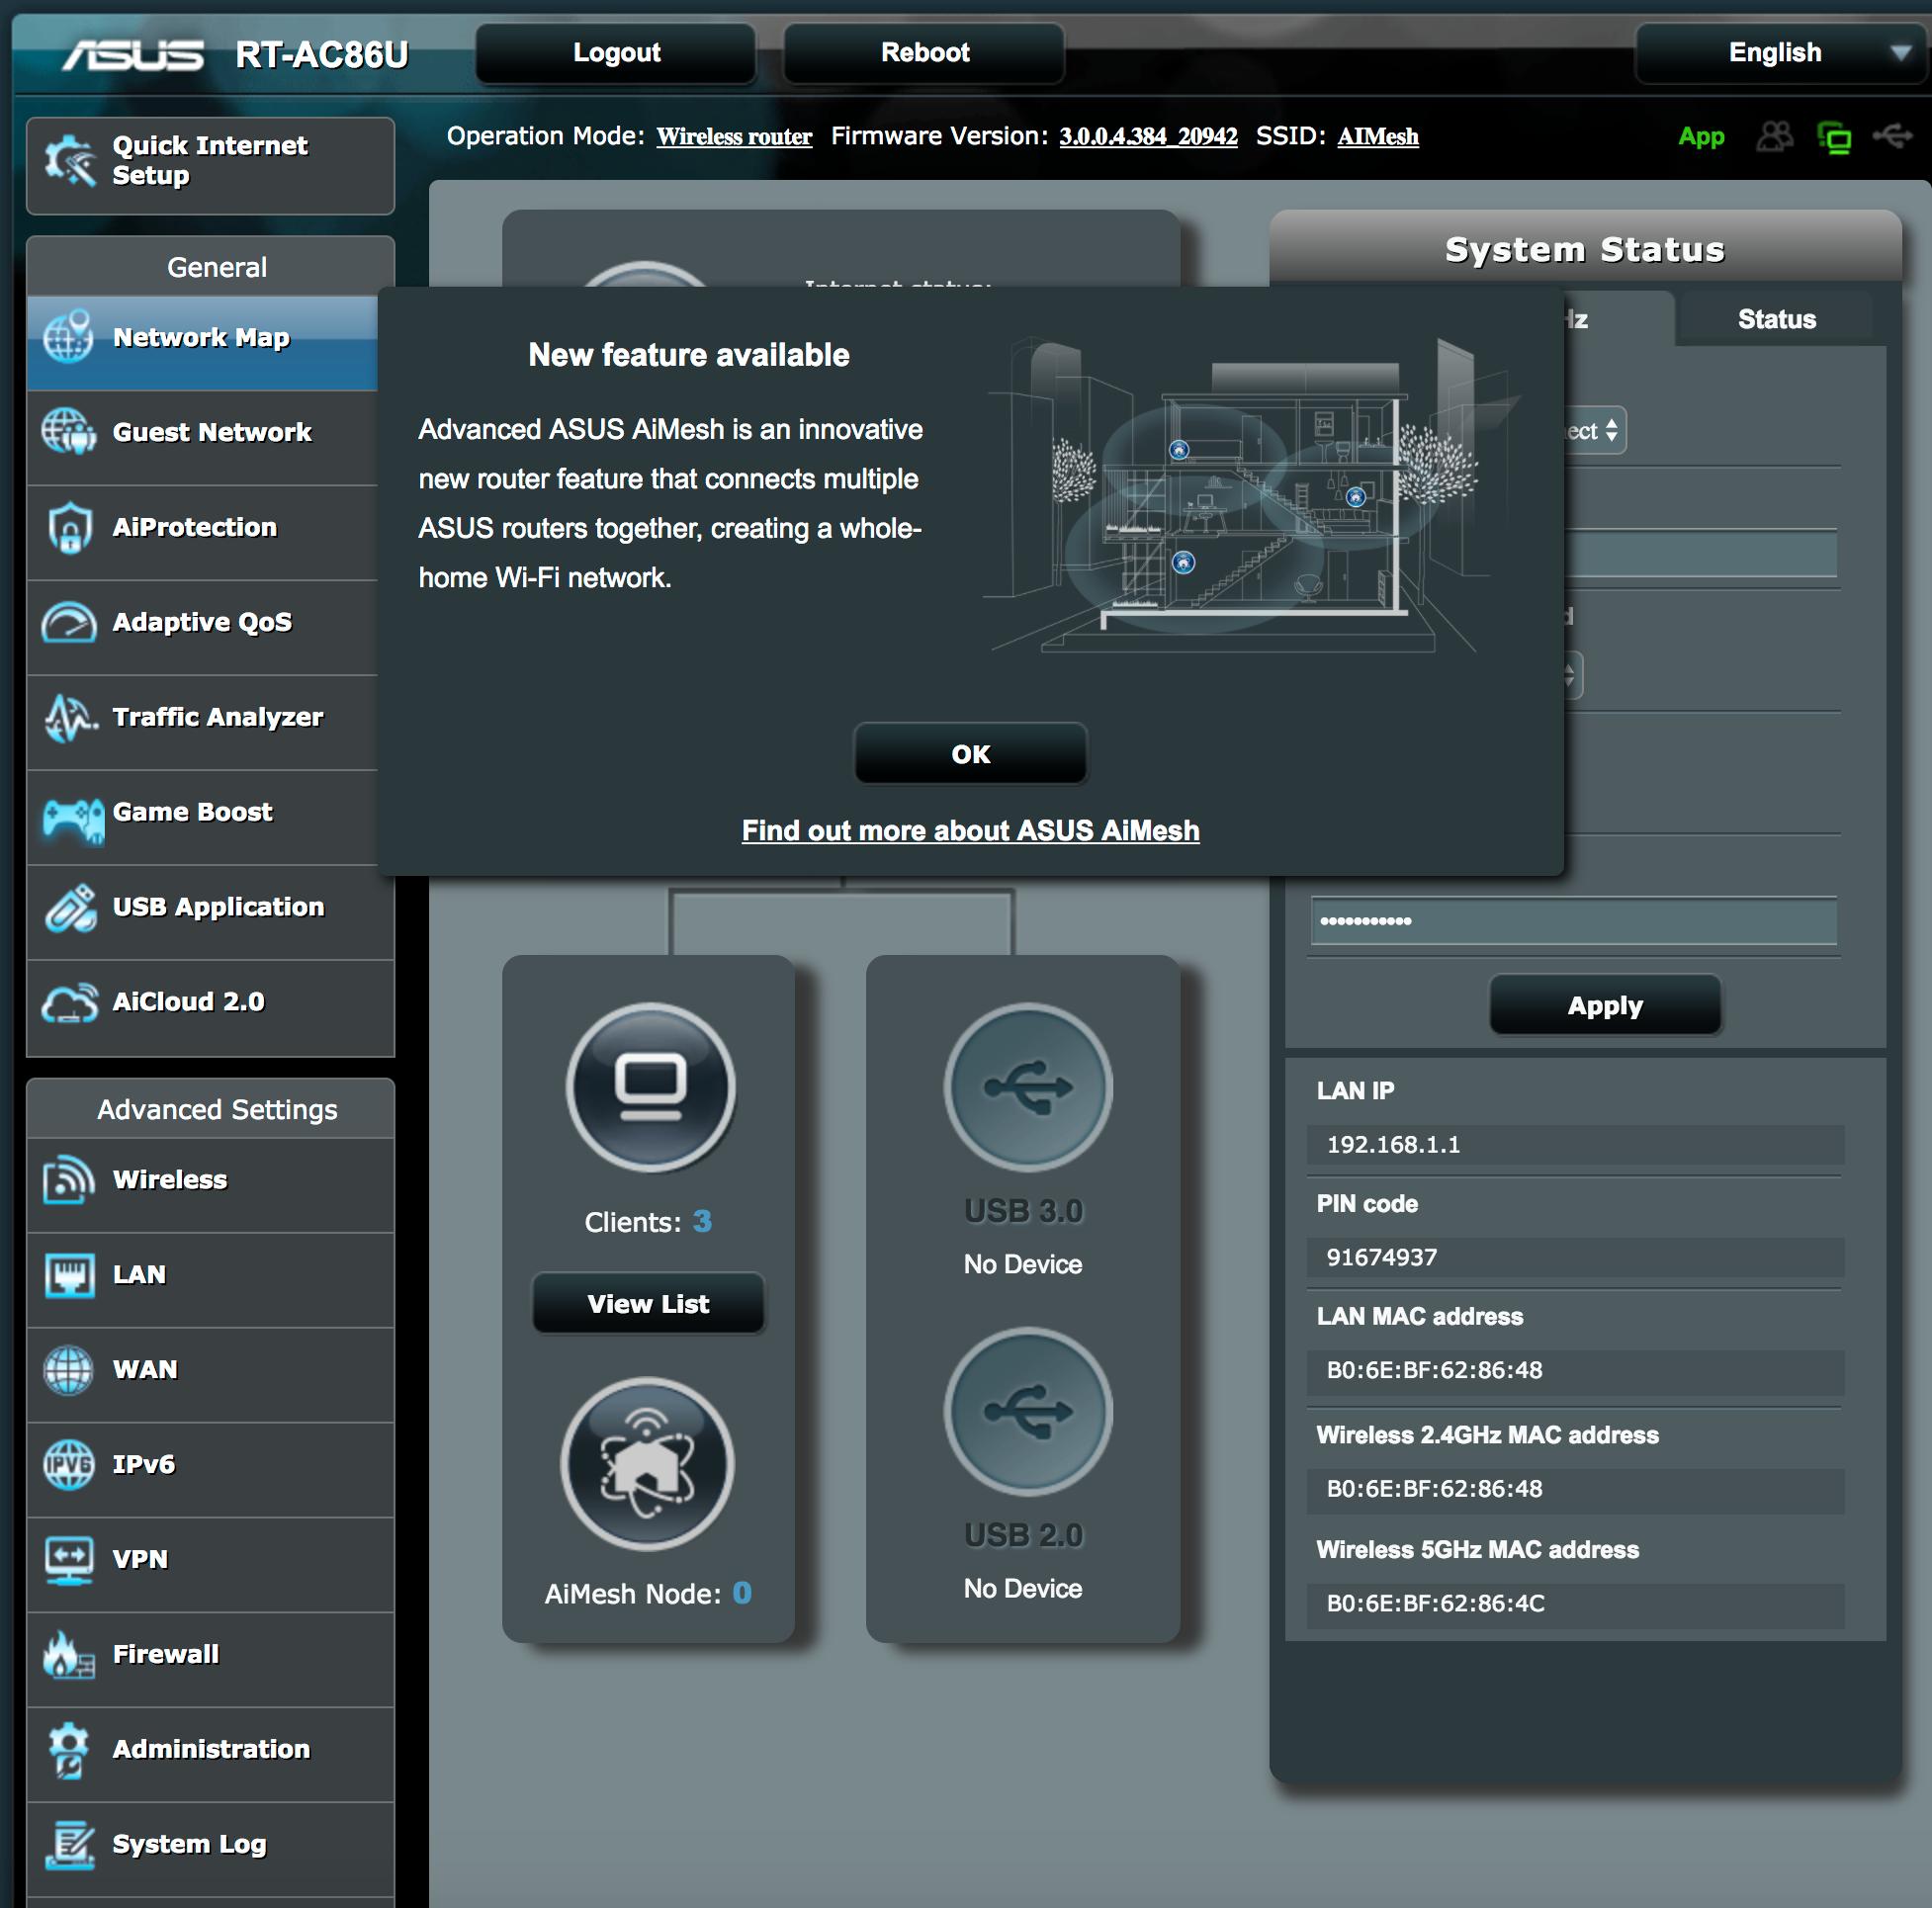 AIMesh-løsningen gir deg akkurat de samme funksjonene som du ville hatt på en helt vanlig Asus-ruter.